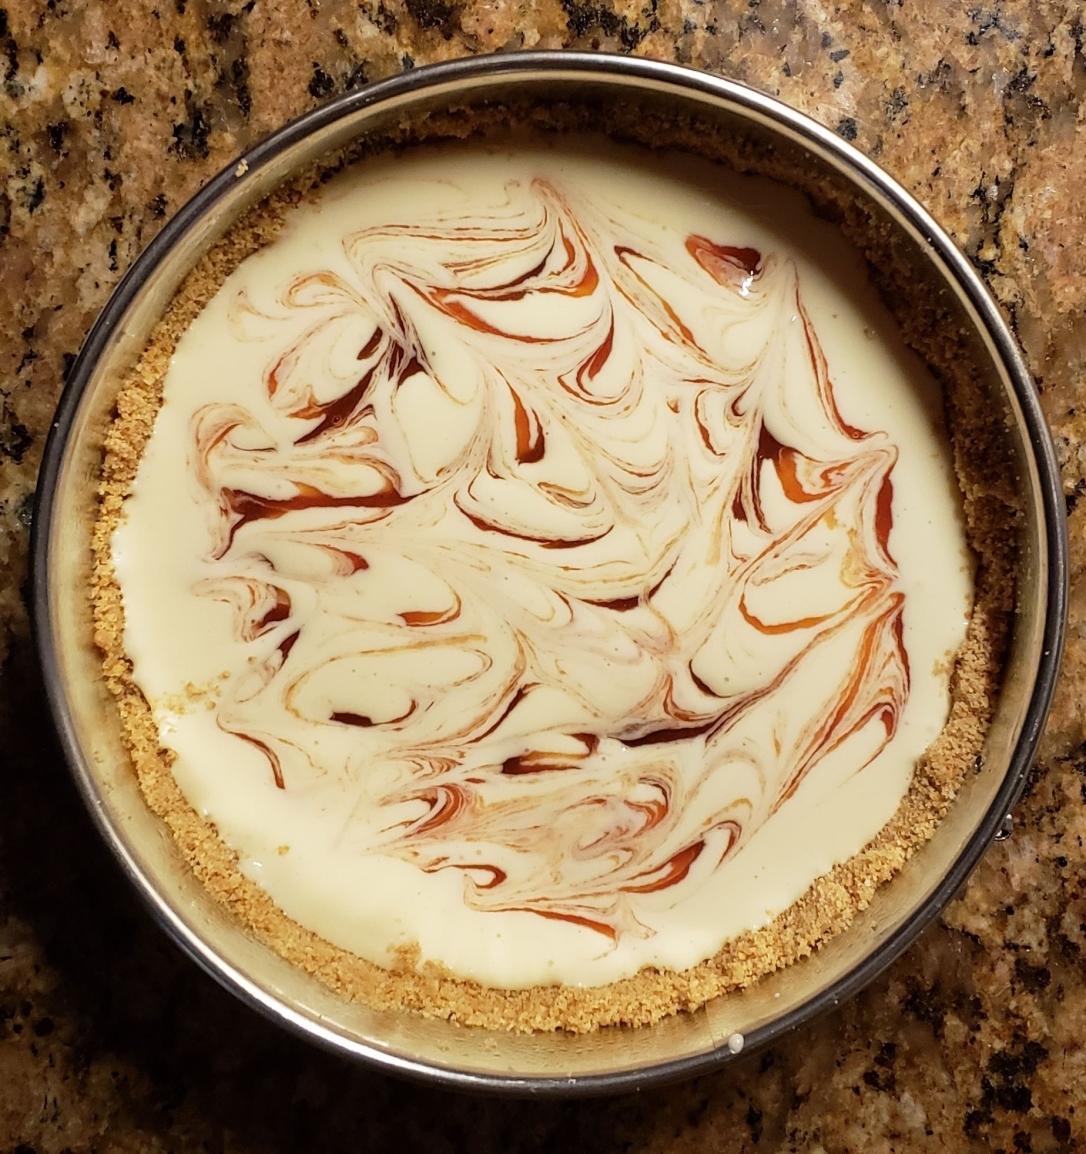 swirl cheesecake batter